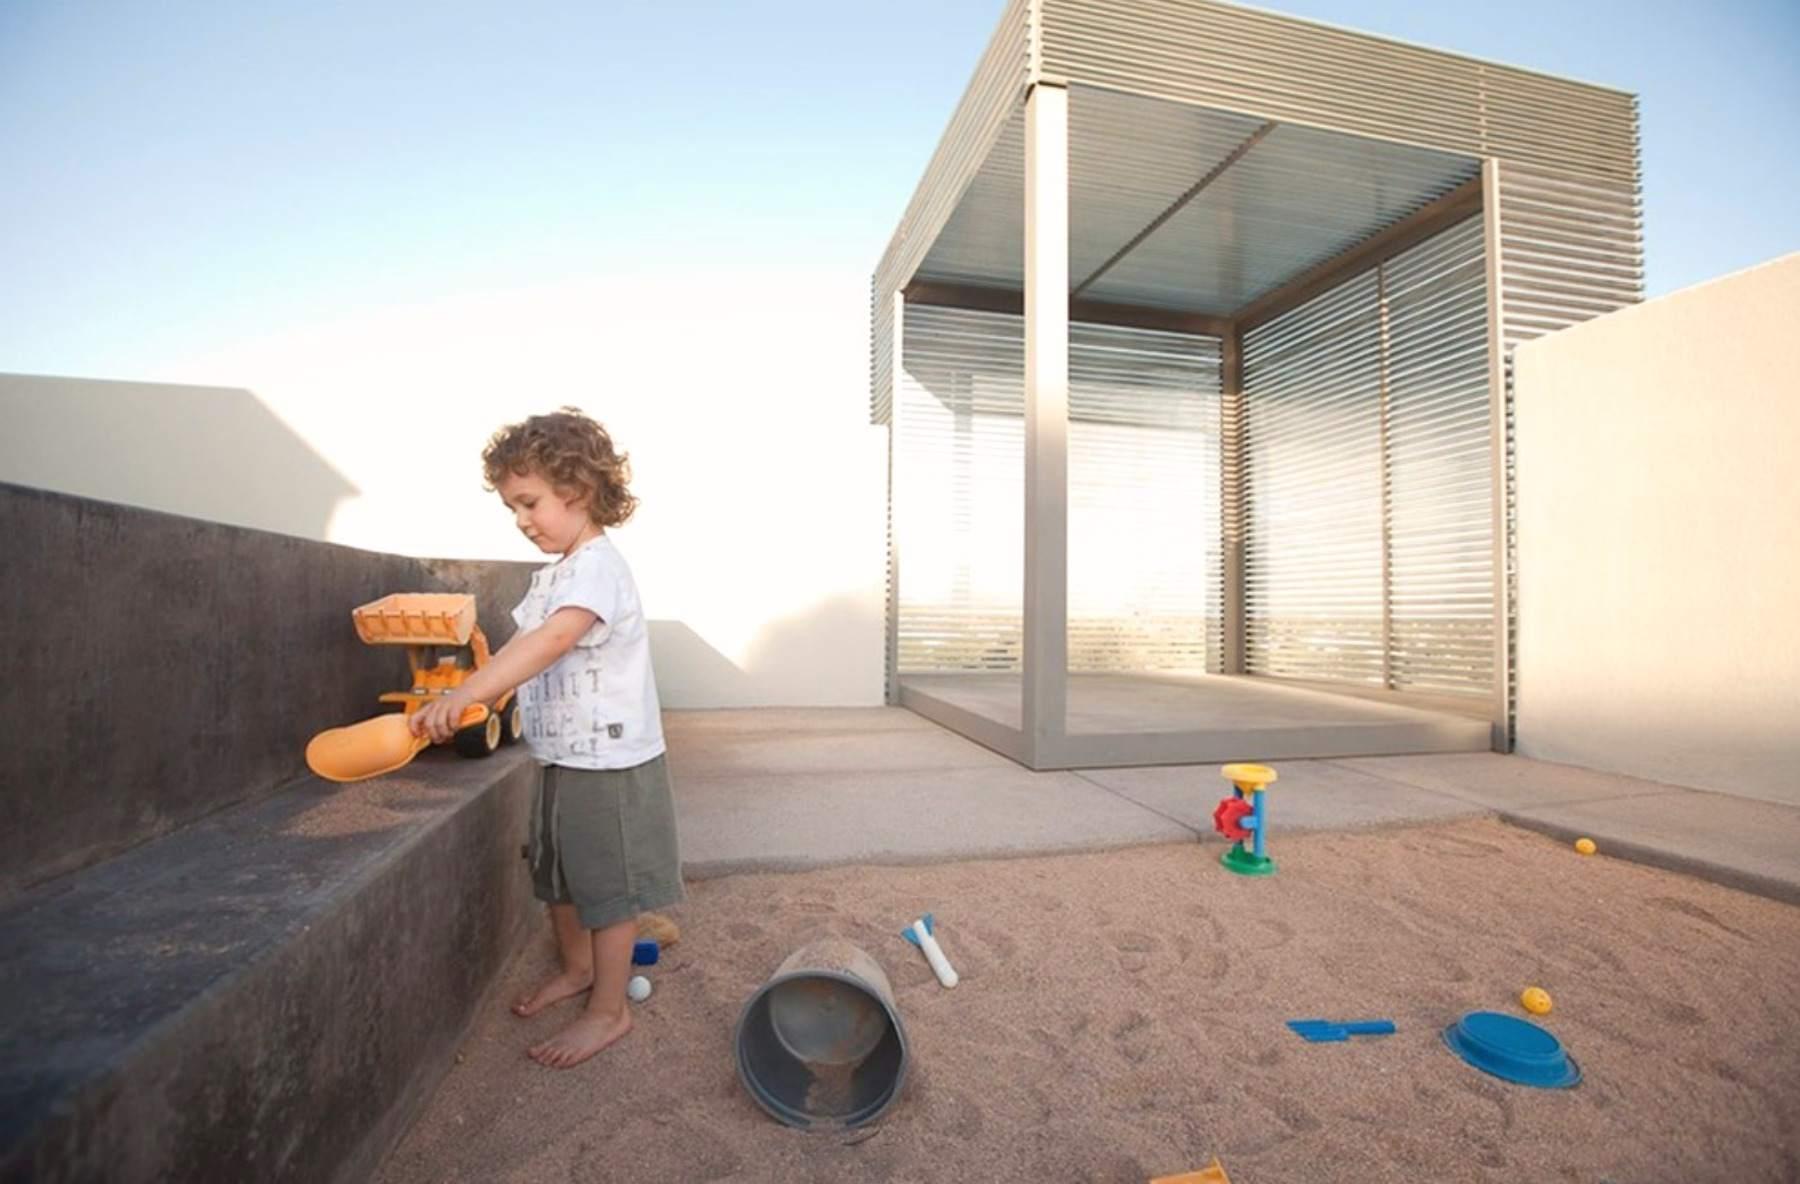 niño jugando en cajón de arena